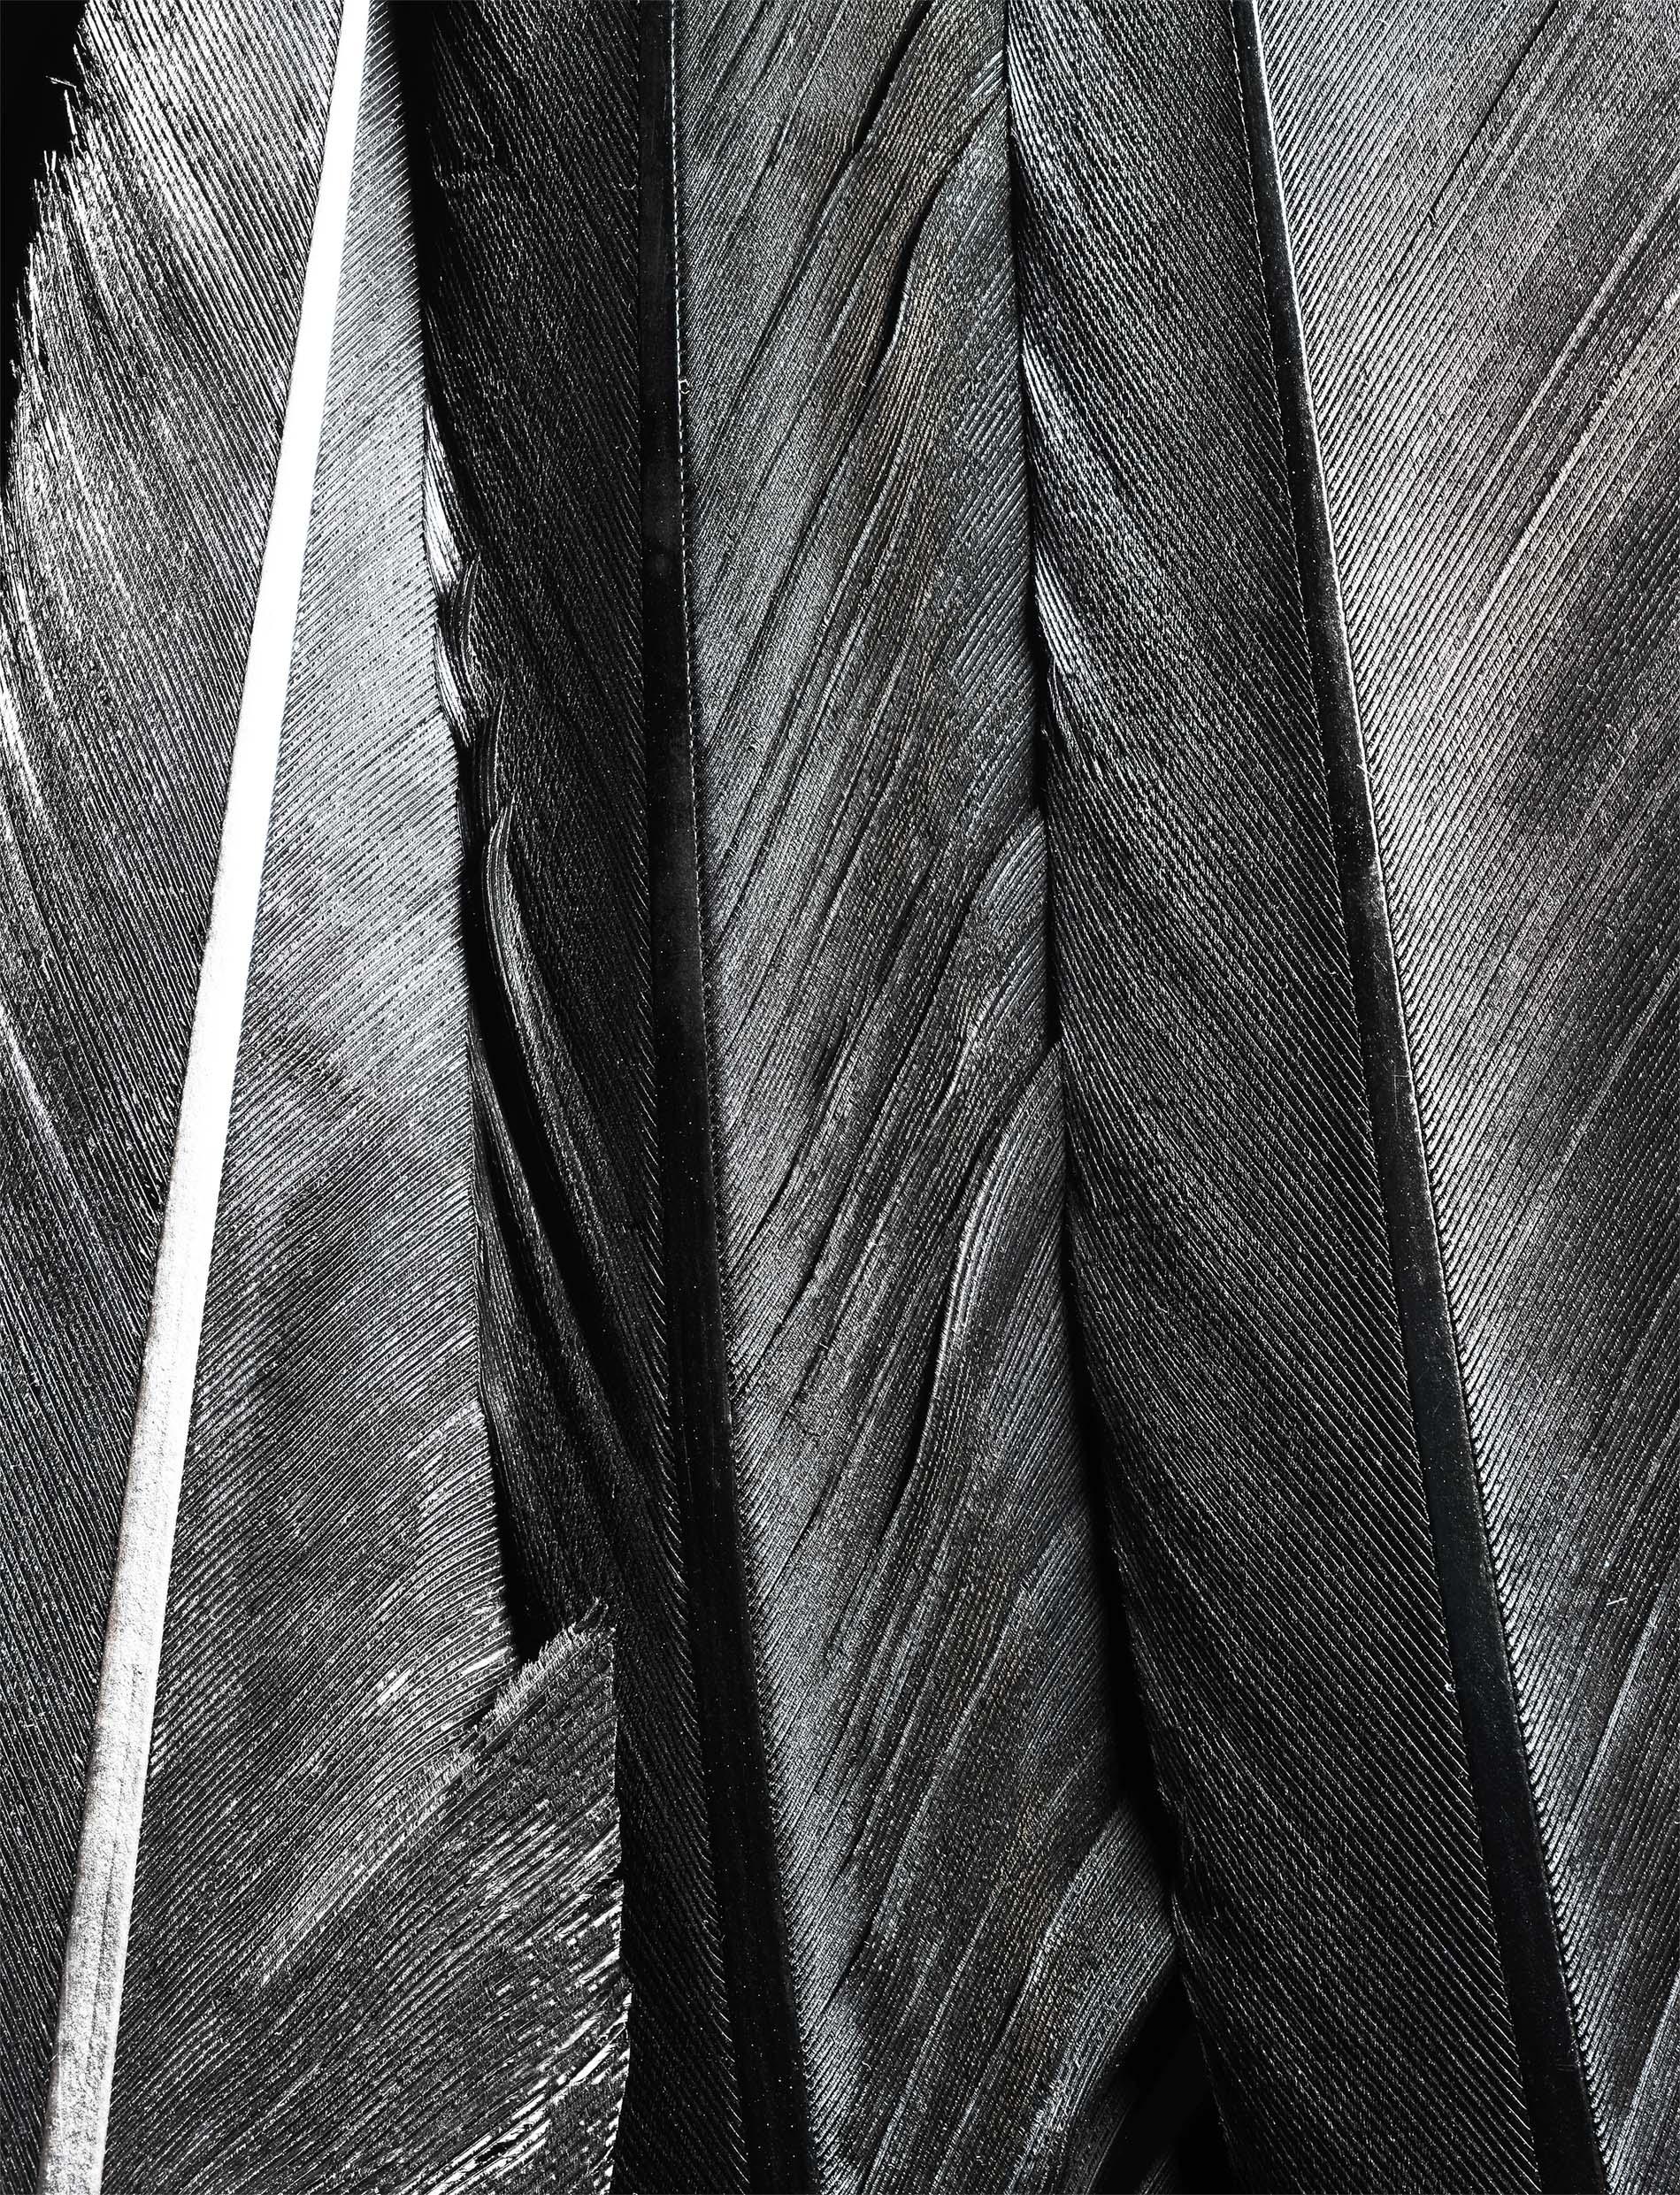 03,feather_03_N02.jpg